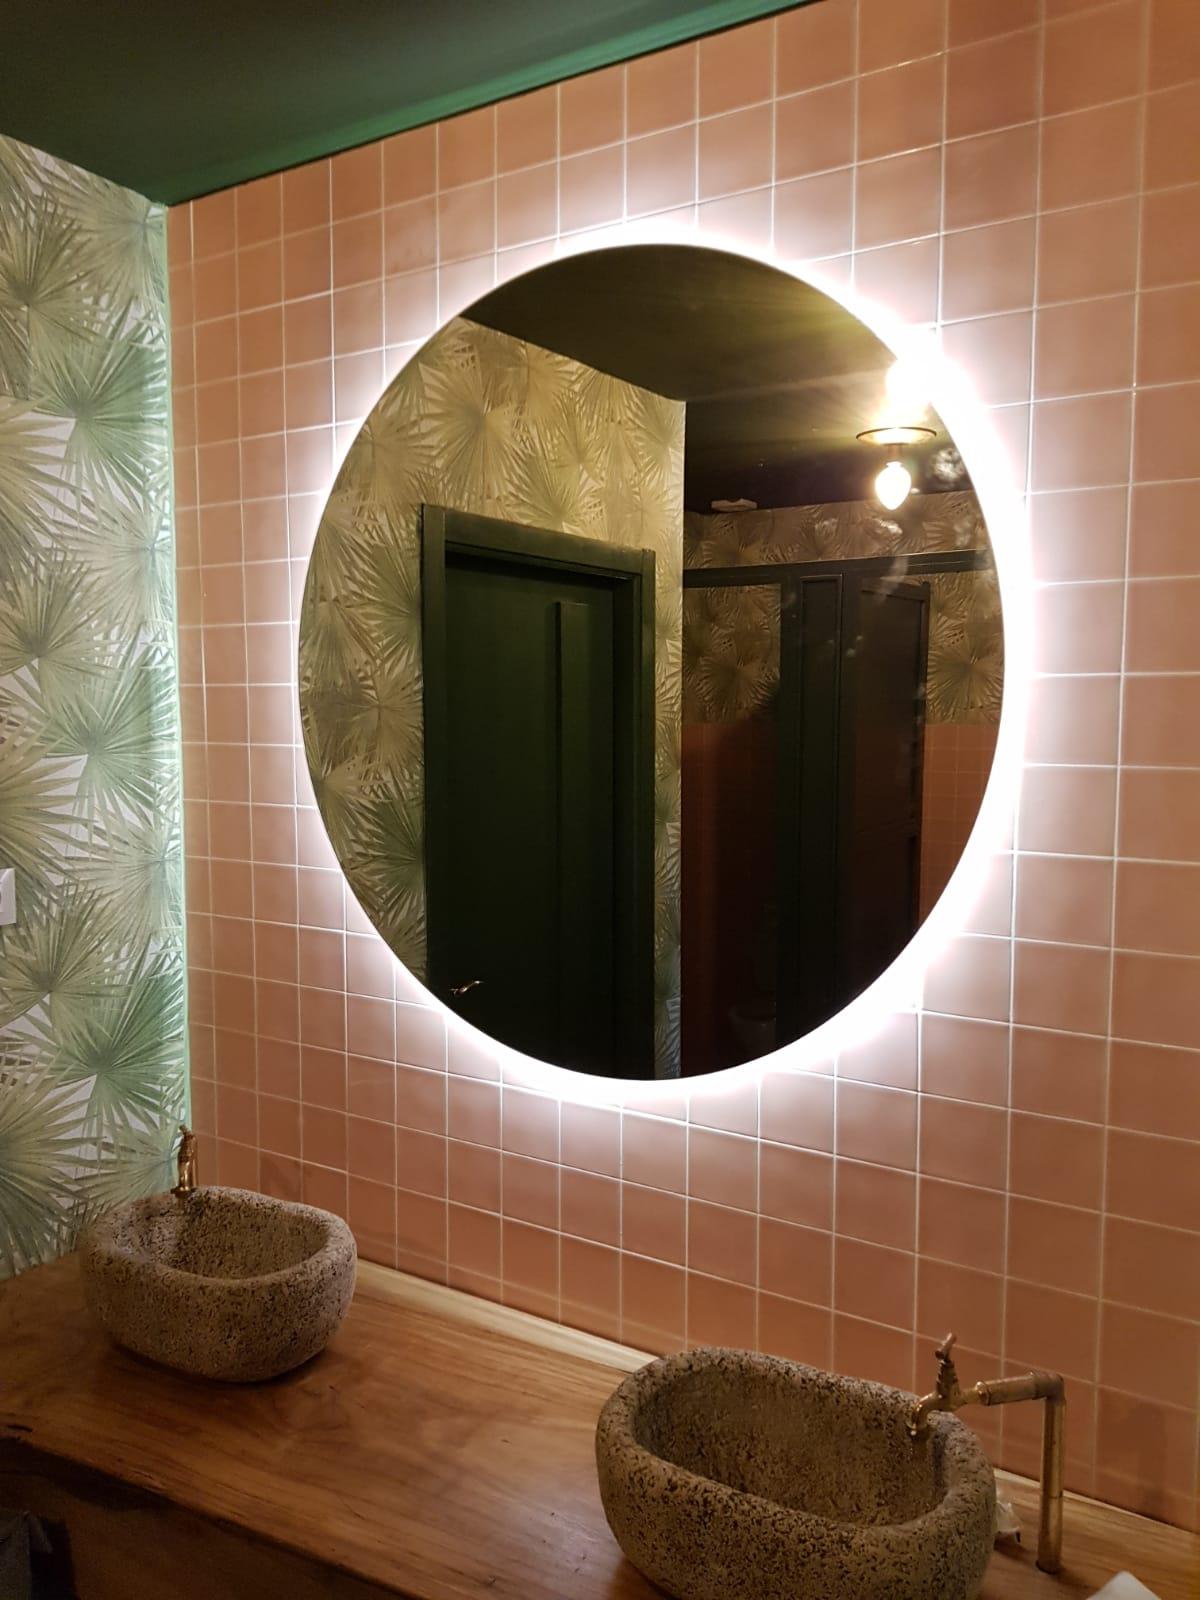 Iluminación espejo baños